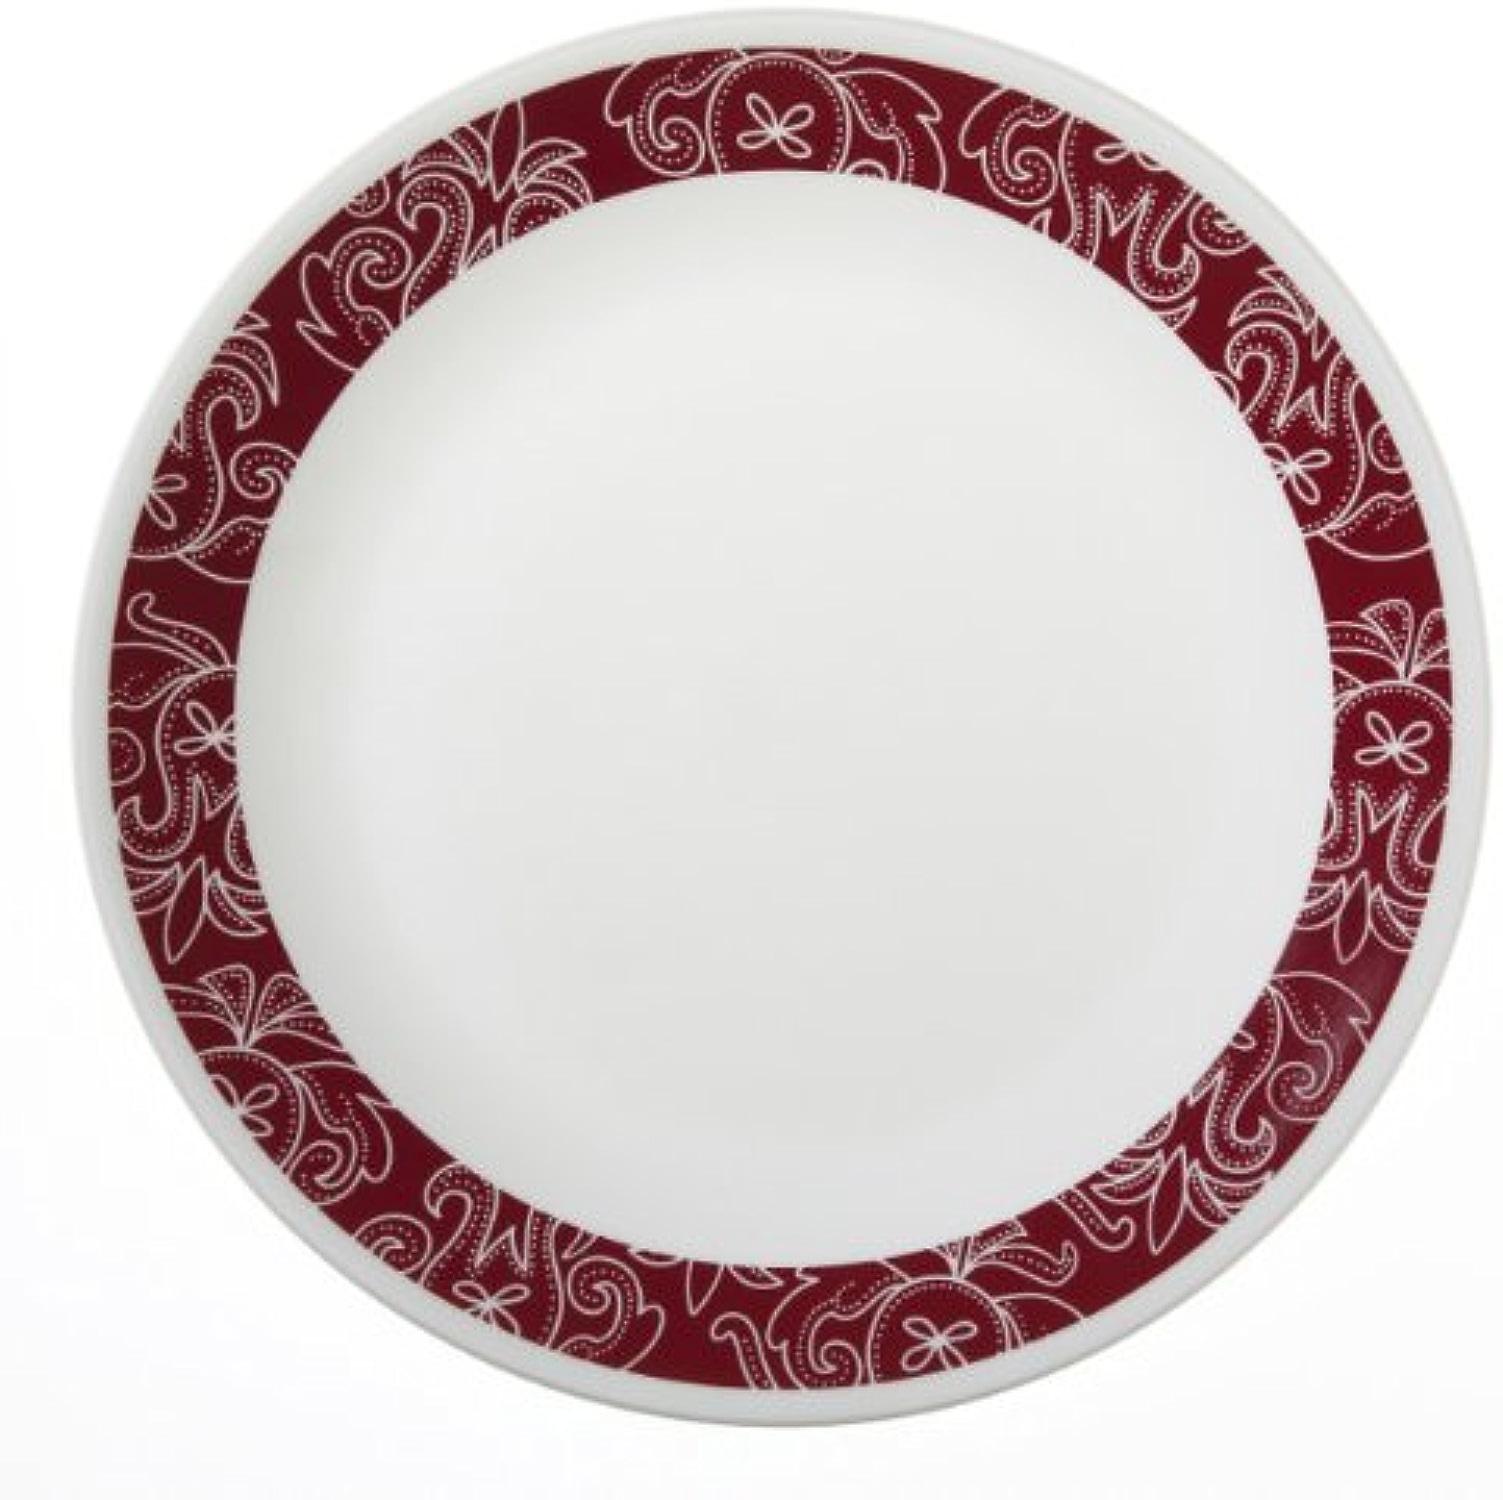 Corelle Livingware 6-Piece Dinner Plate Set, Bandhani by CORELLE